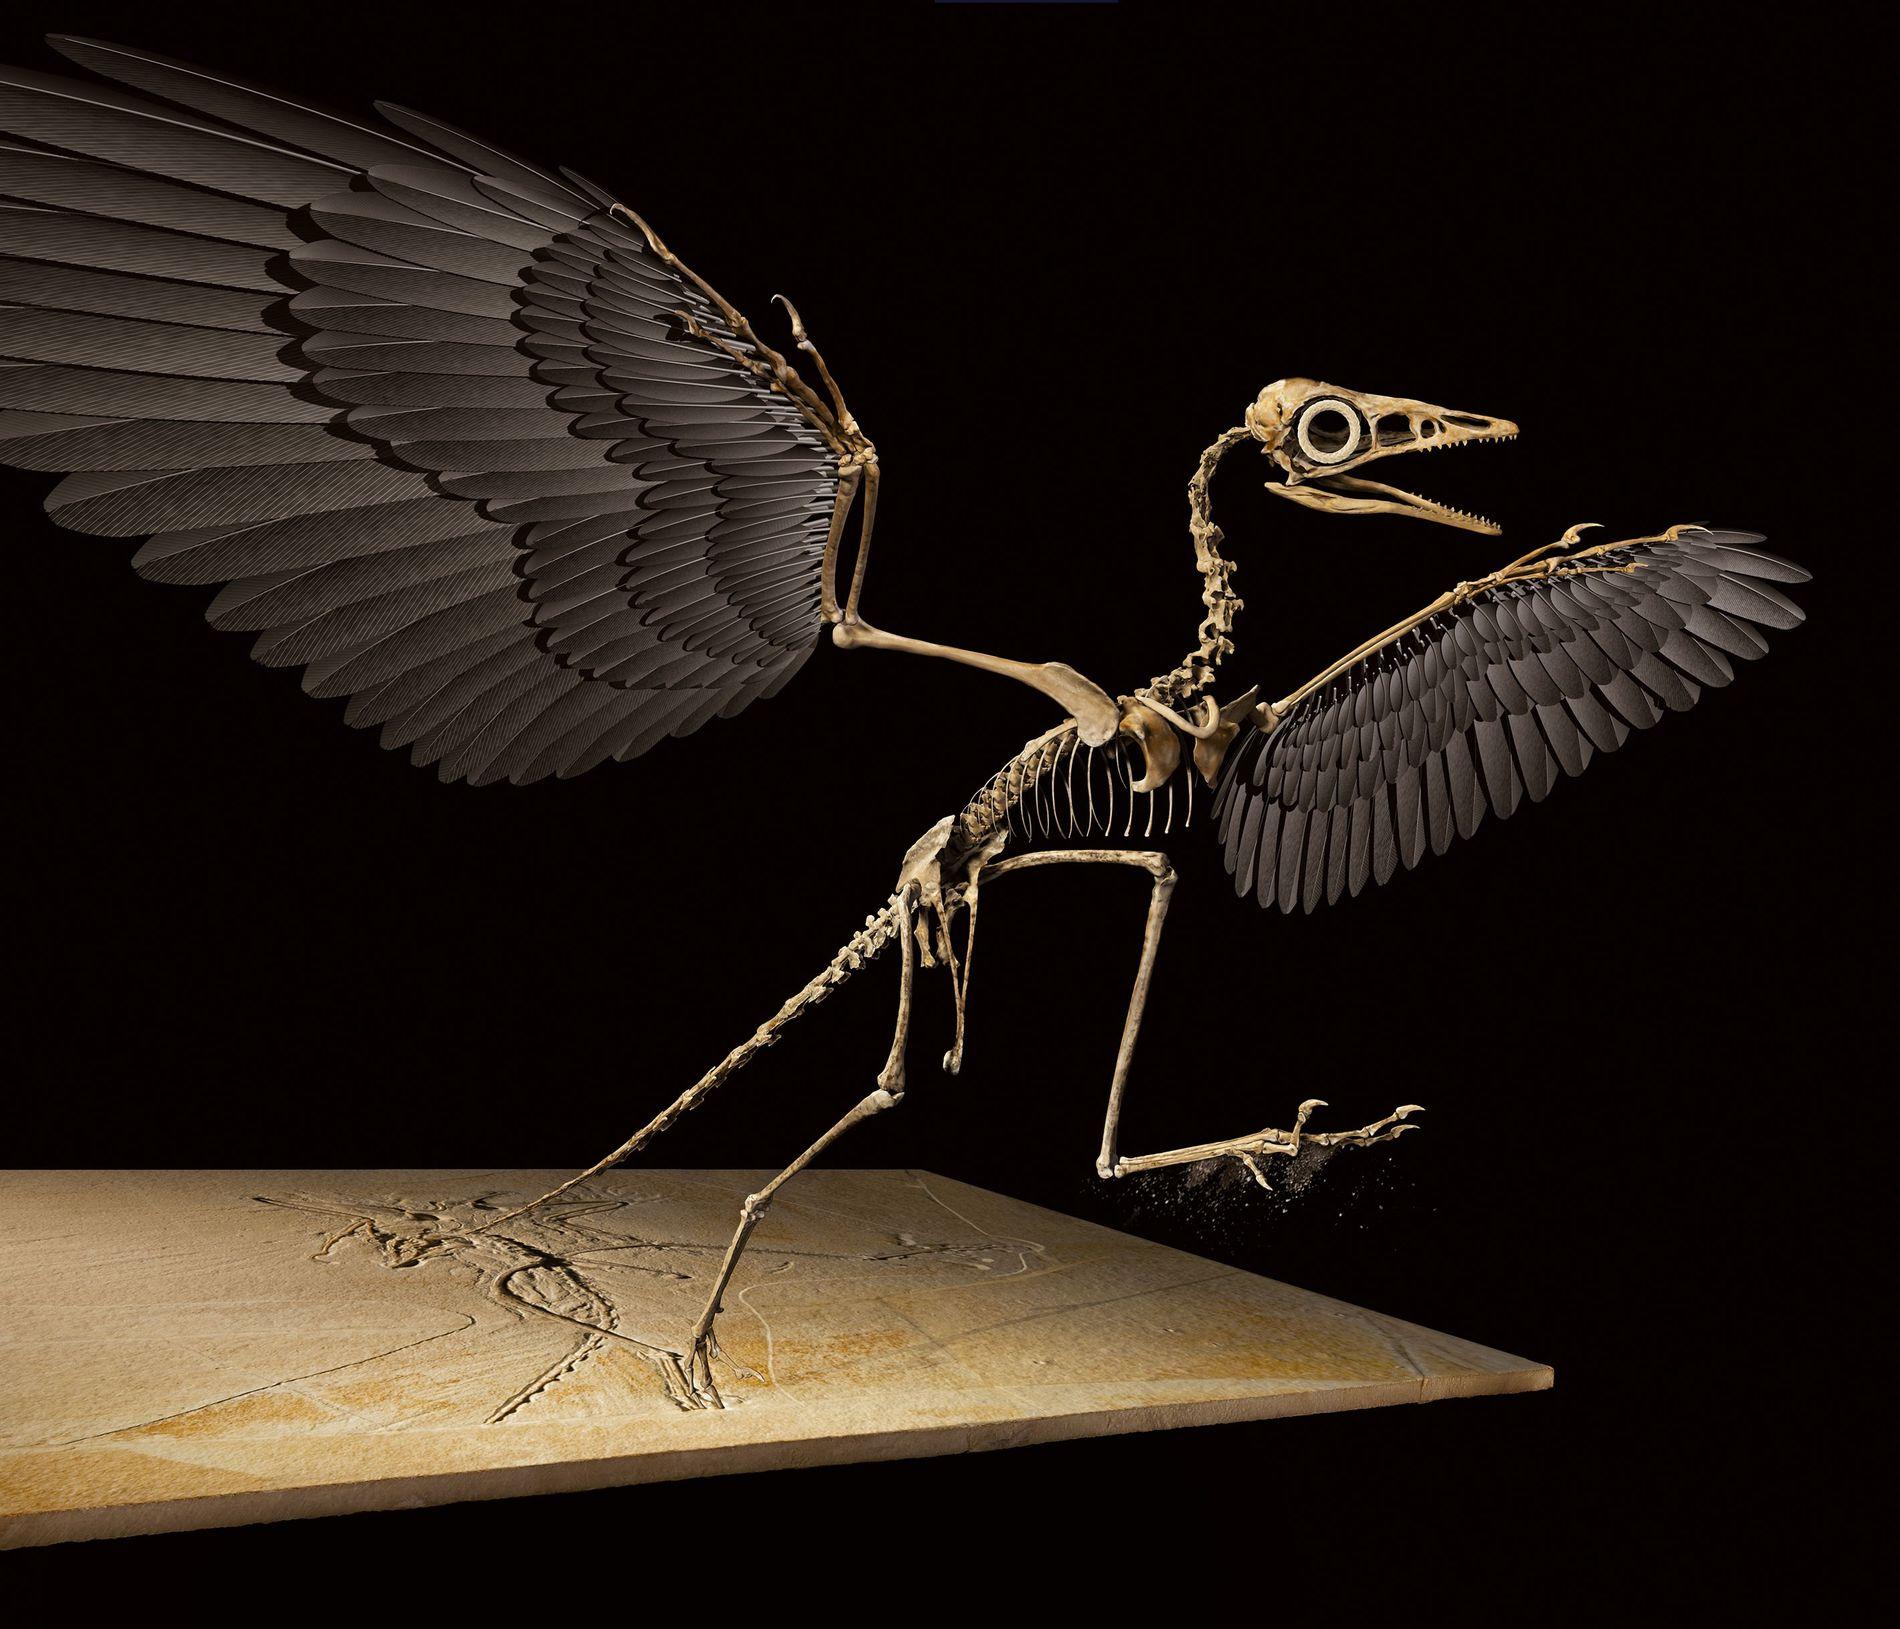 Vorfahr der Vögel: der Archäopteryx. Dieses dreidimensionale digitale Modell wurde durch Röntgenverfahren und Fotogrammetrie möglich.